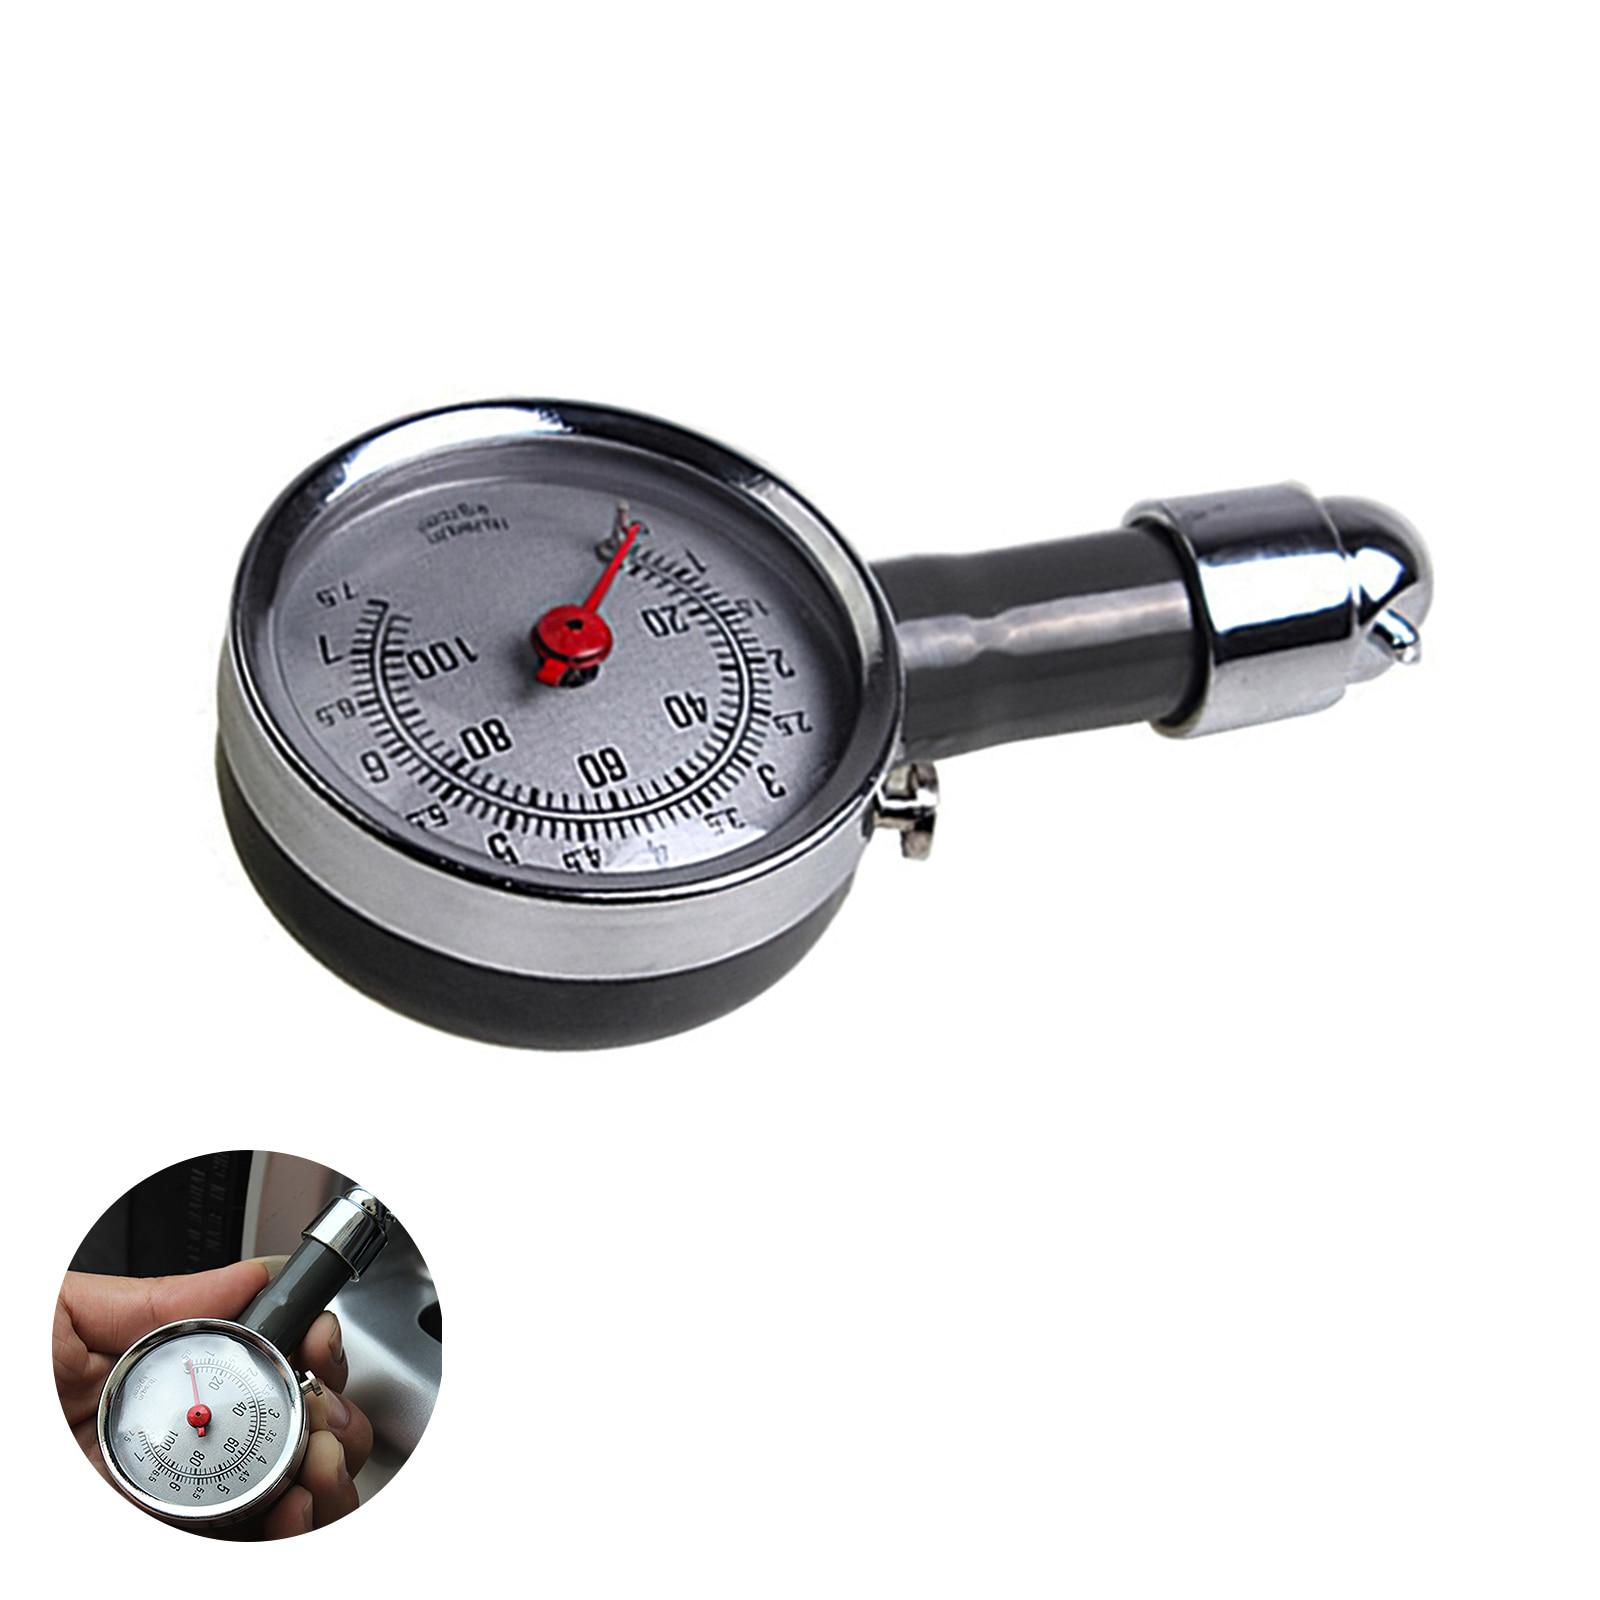 Шины для легковых автомобилей Давление датчик Круглый циферблат шин Давление измерительный инструмент шин измерительный прибор с 45-градус...